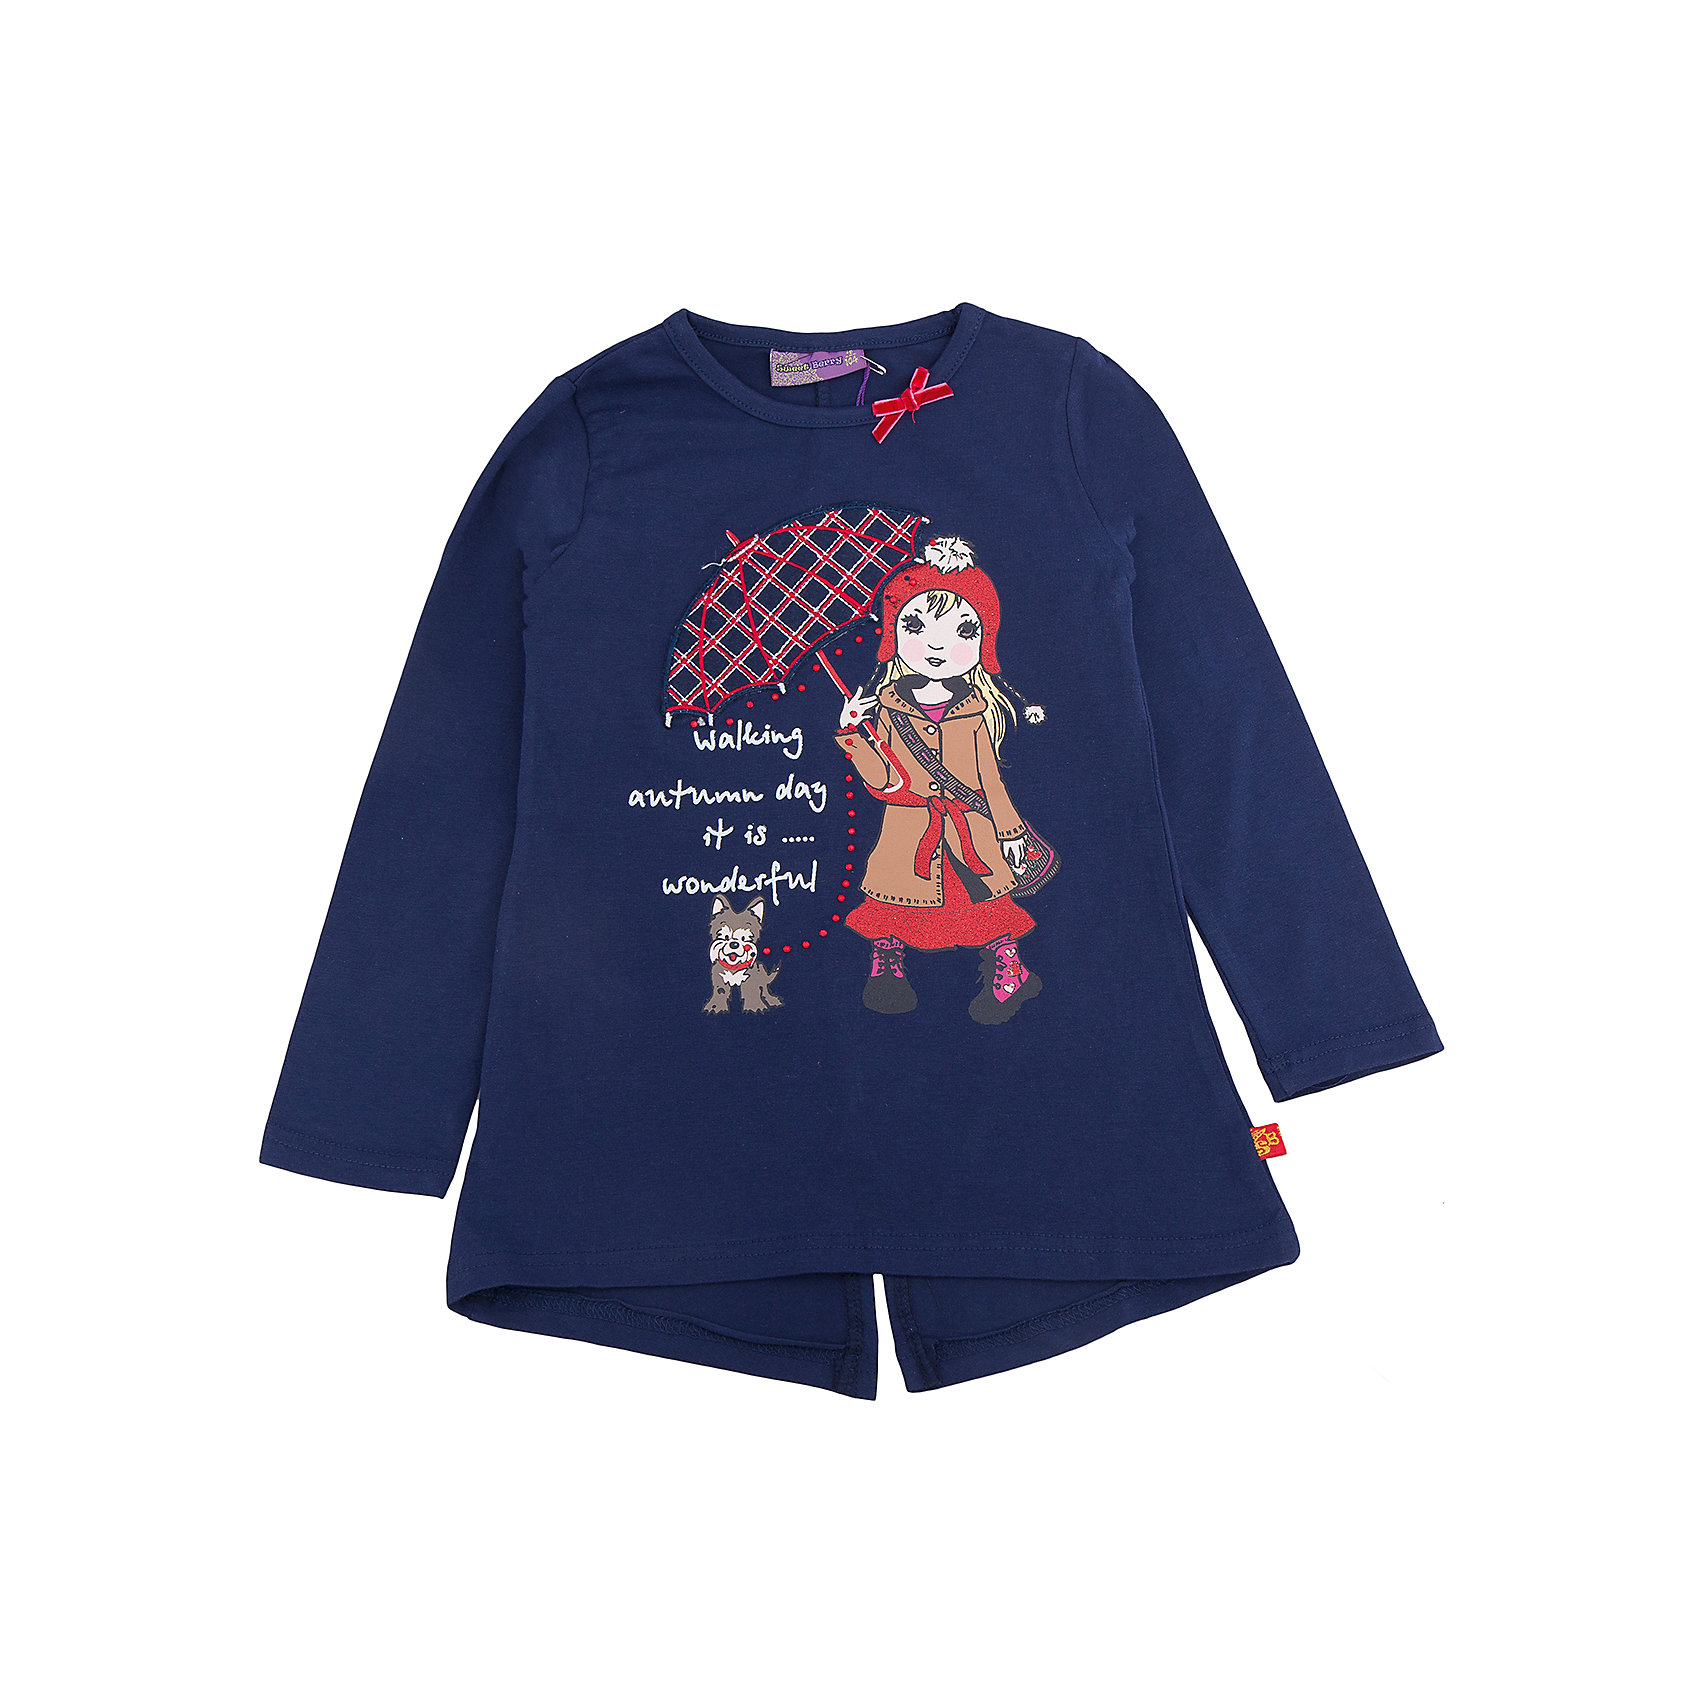 Футболка с длинным рукавом для девочки Sweet BerryЭта футболка с длинным рукавом для девочки отличается модным дизайном с ярким принтом. Удачный крой обеспечит ребенку комфорт и тепло. Вещь плотно прилегает к телу там, где нужно, и отлично сидит по фигуре.<br>Одежда от бренда Sweet Berry - это простой и выгодный способ одеть ребенка удобно и стильно. Всё изделия тщательно проработаны: швы - прочные, материал - качественный, фурнитура - подобранная специально для детей. <br><br>Дополнительная информация:<br><br>цвет: синий;<br>материал: 95% хлопок, 5% эластан;<br>декорирована принтом и аппликацией.<br><br>Футболку с длинным рукавом для девочки от бренда Sweet Berry можно купить в нашем интернет-магазине.<br><br>Ширина мм: 230<br>Глубина мм: 40<br>Высота мм: 220<br>Вес г: 250<br>Цвет: синий<br>Возраст от месяцев: 48<br>Возраст до месяцев: 60<br>Пол: Женский<br>Возраст: Детский<br>Размер: 110,104,98,128,122,116<br>SKU: 4931469